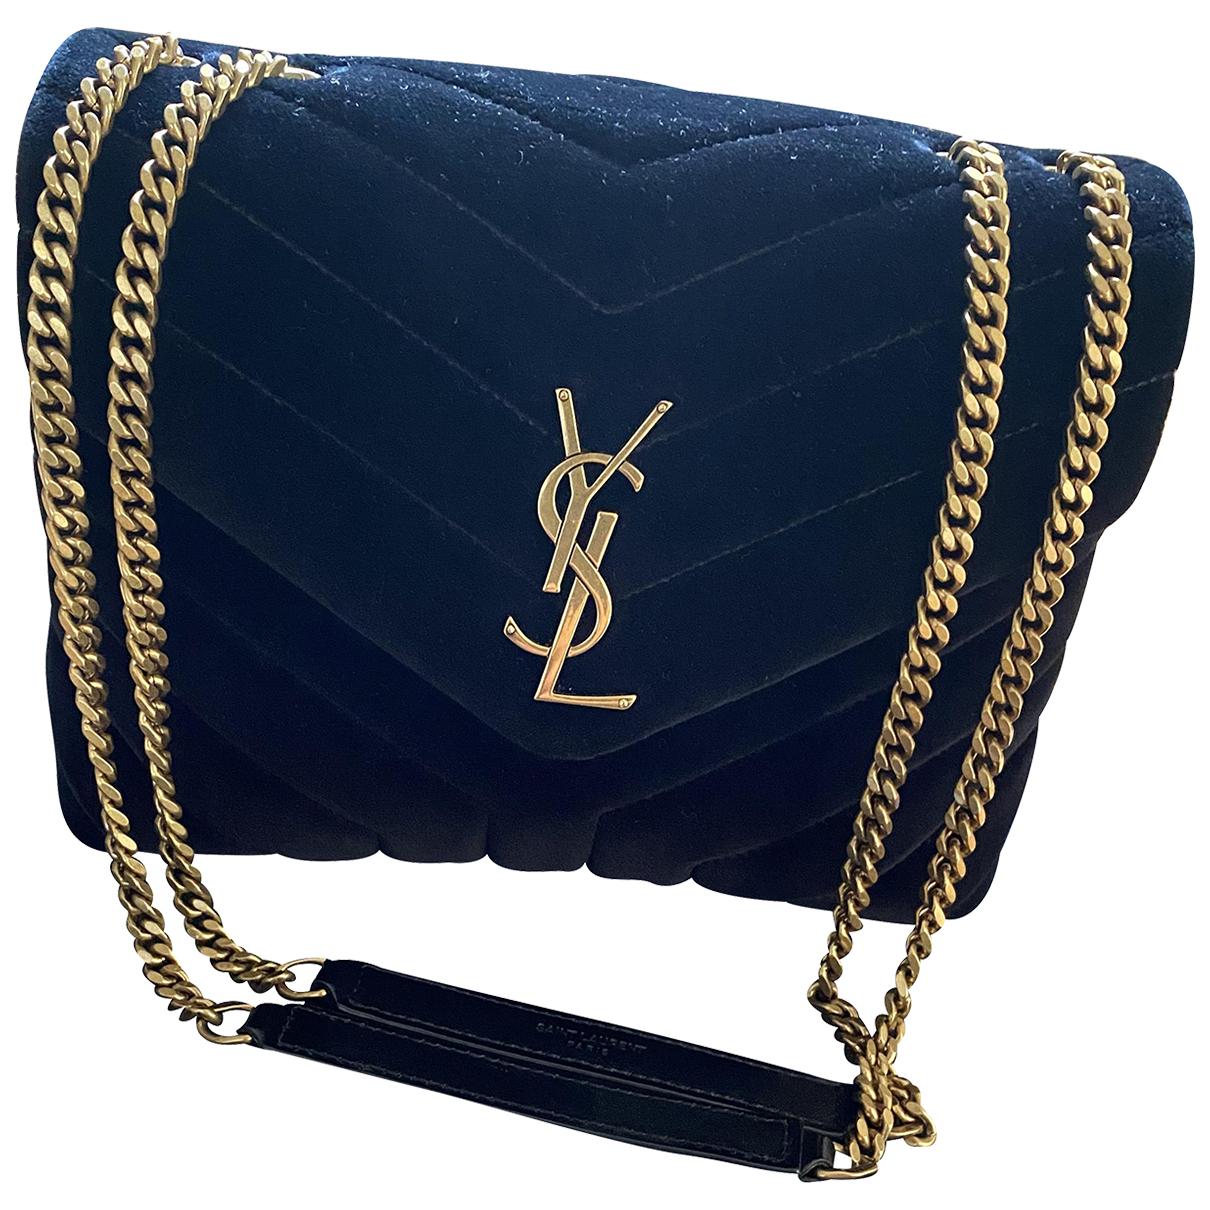 Saint Laurent Loulou Handtasche in  Schwarz Samt